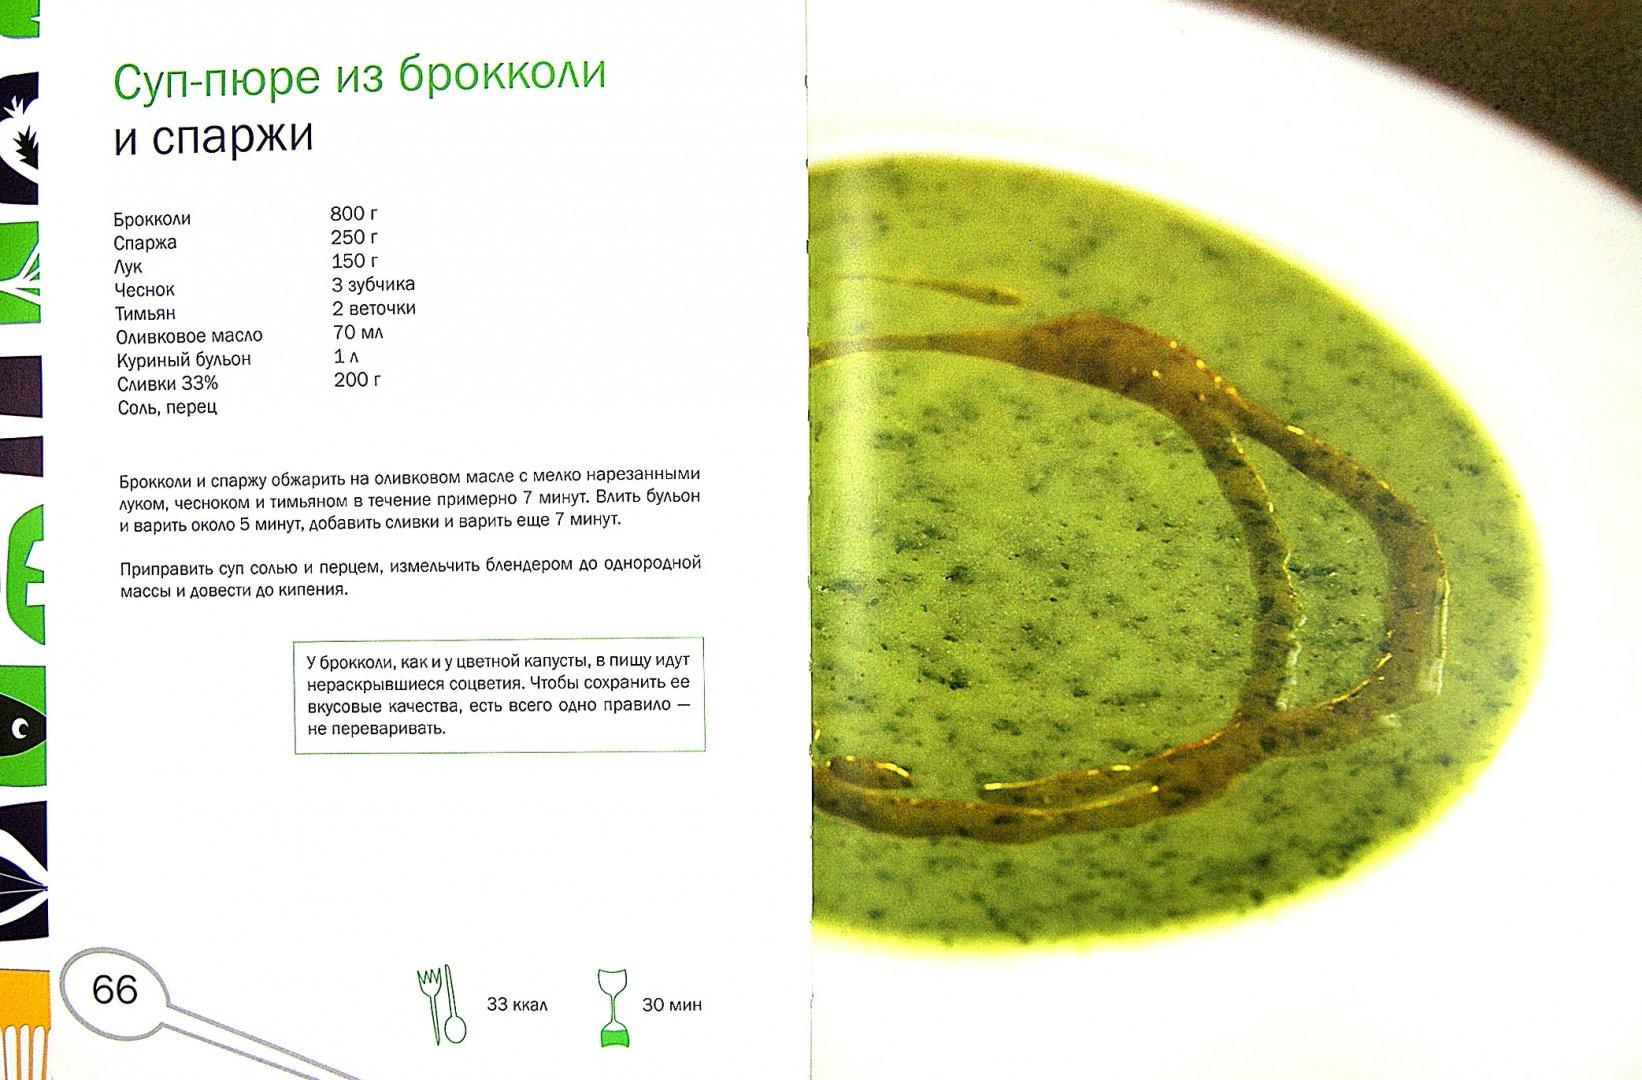 Иллюстрация 1 из 15 для Овощи. Оригинальные рецепты от профессионалов | Лабиринт - книги. Источник: Лабиринт